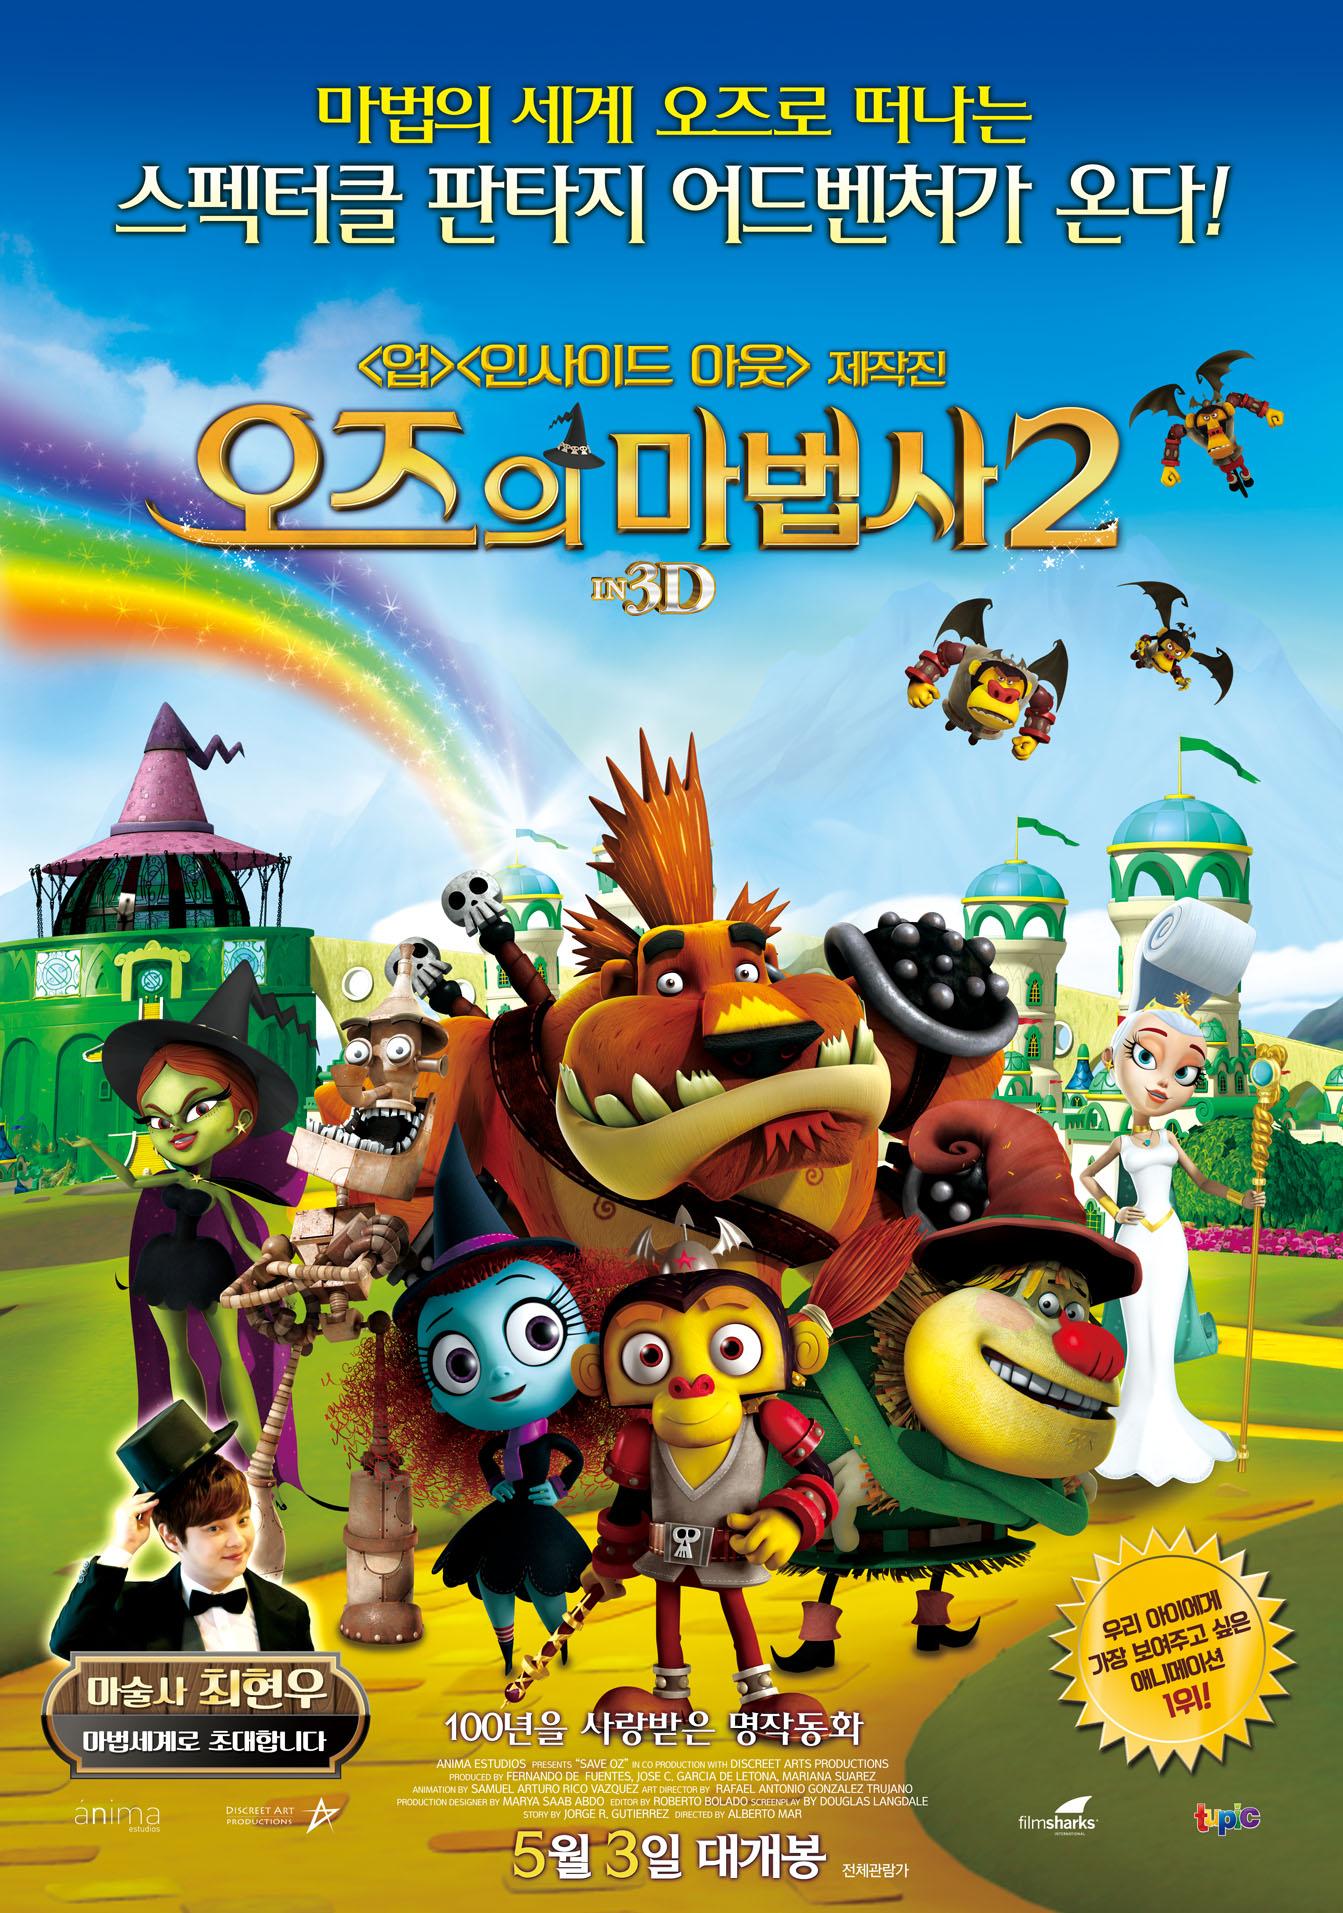 오즈의 마법사 2 (2017) (우리말더빙)